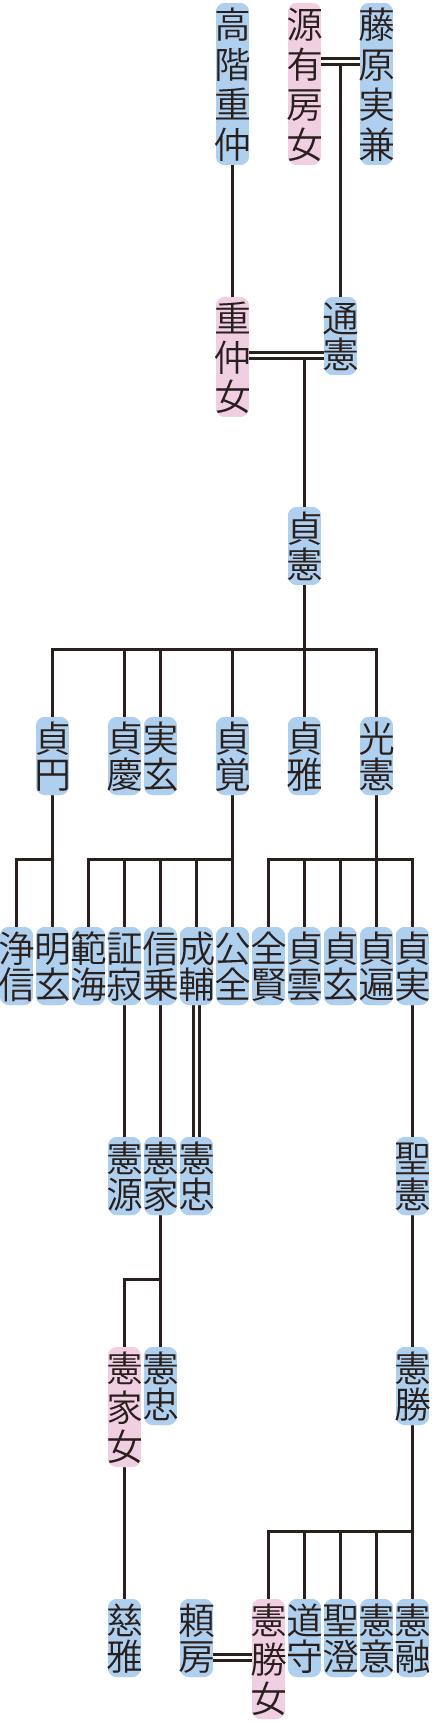 藤原貞憲の系図